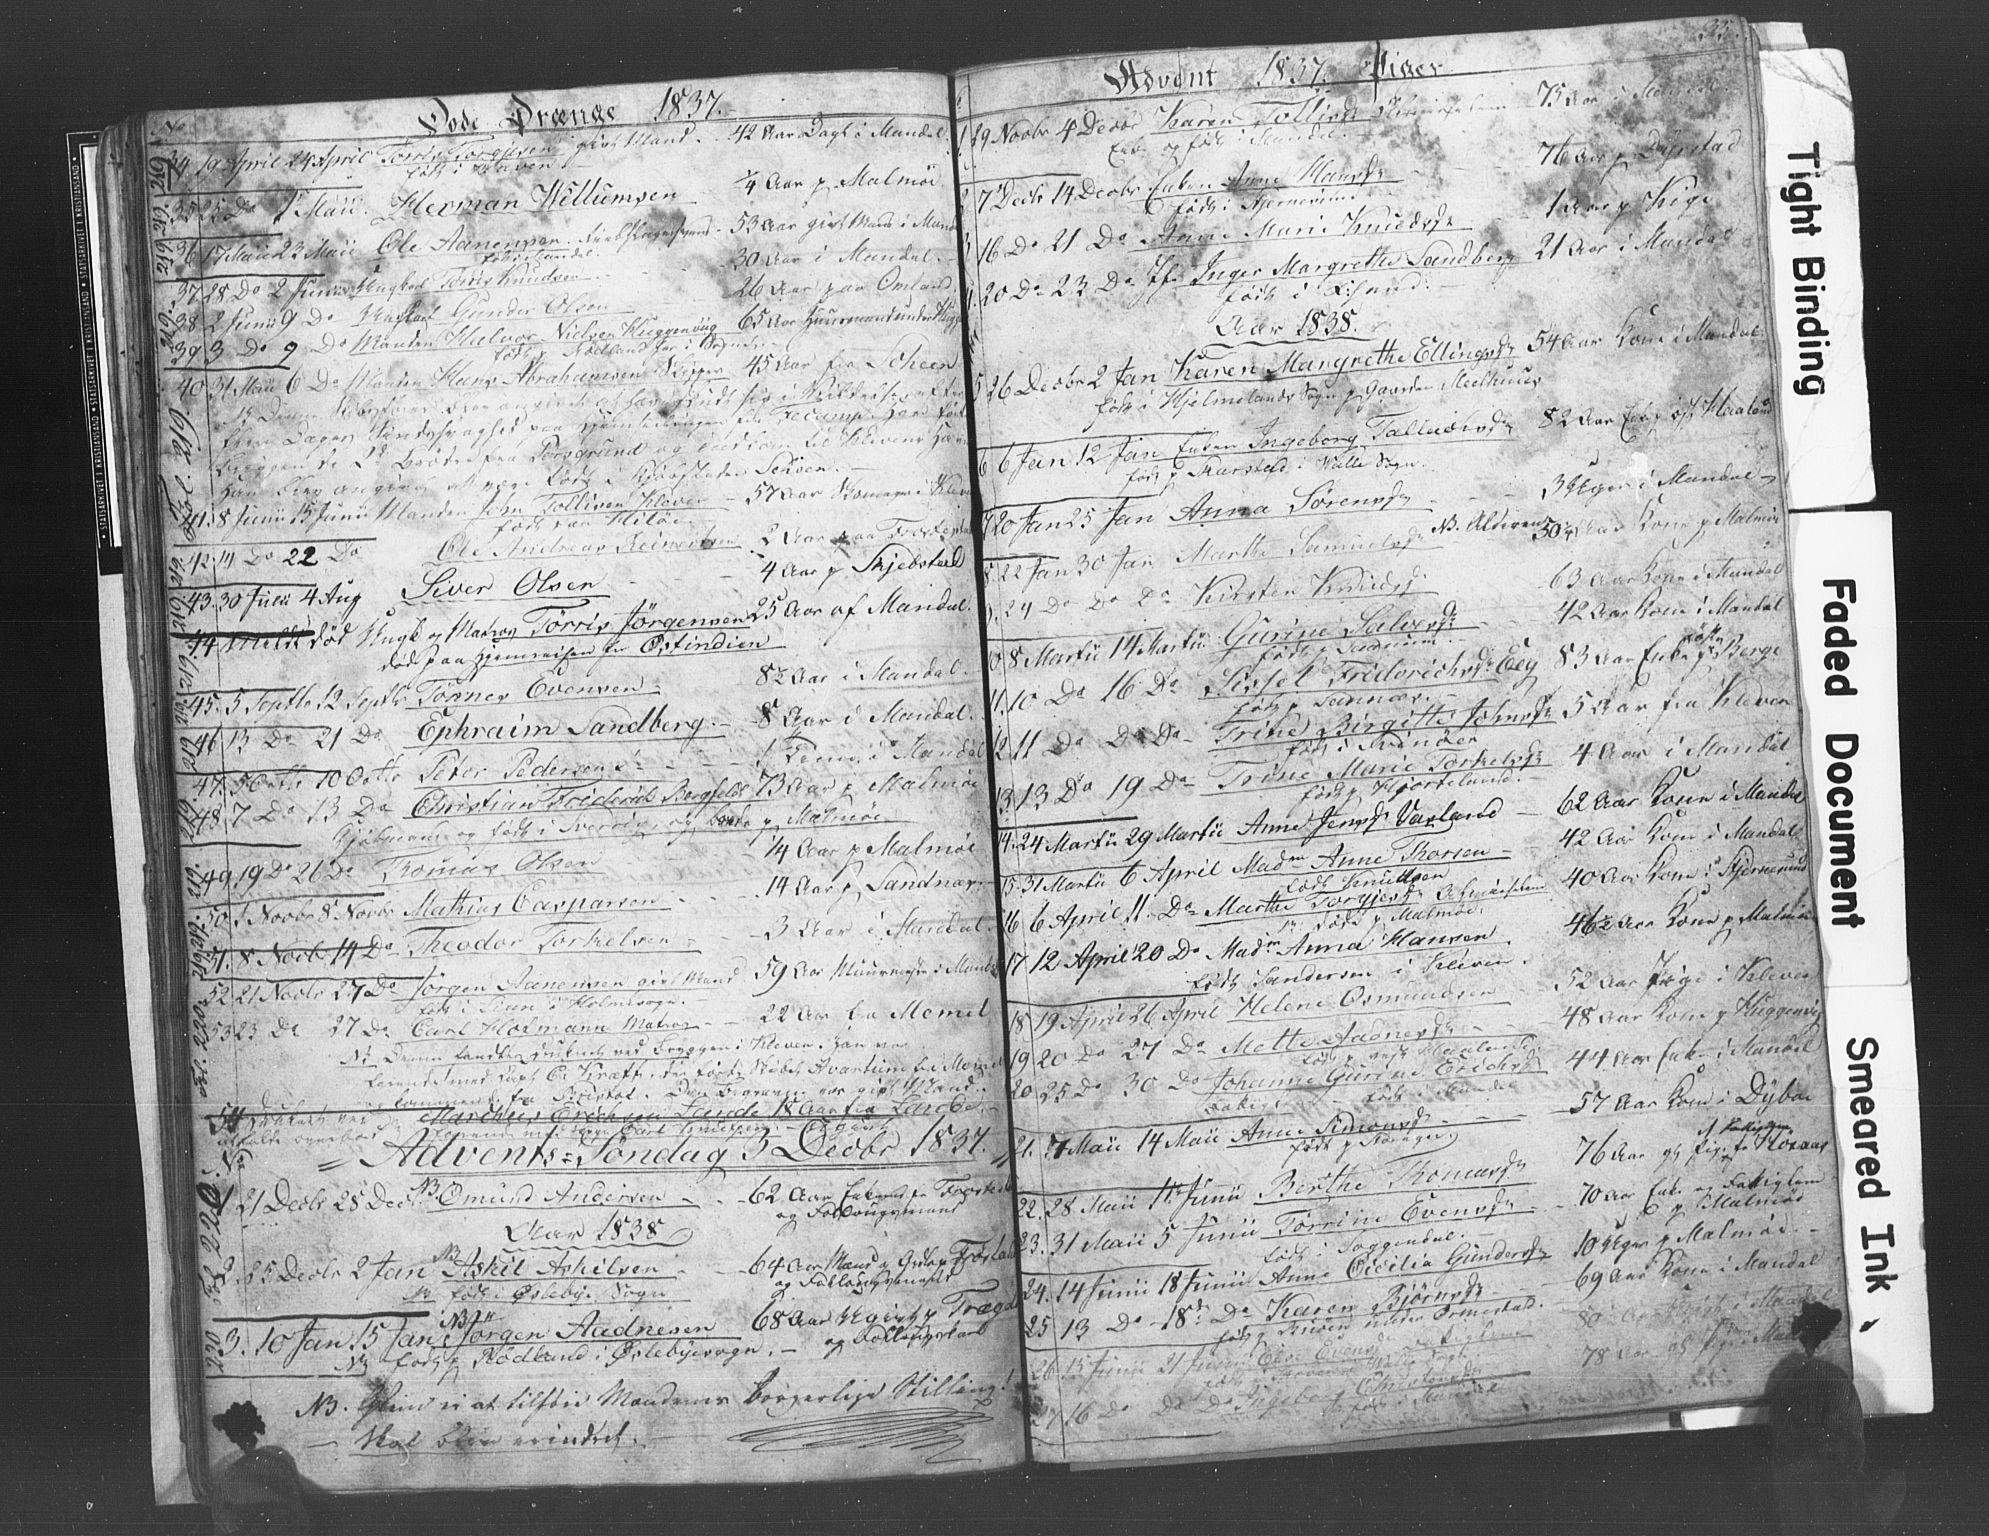 SAK, Mandal sokneprestkontor, F/Fb/Fba/L0003: Klokkerbok nr. B 1C, 1834-1838, s. 35